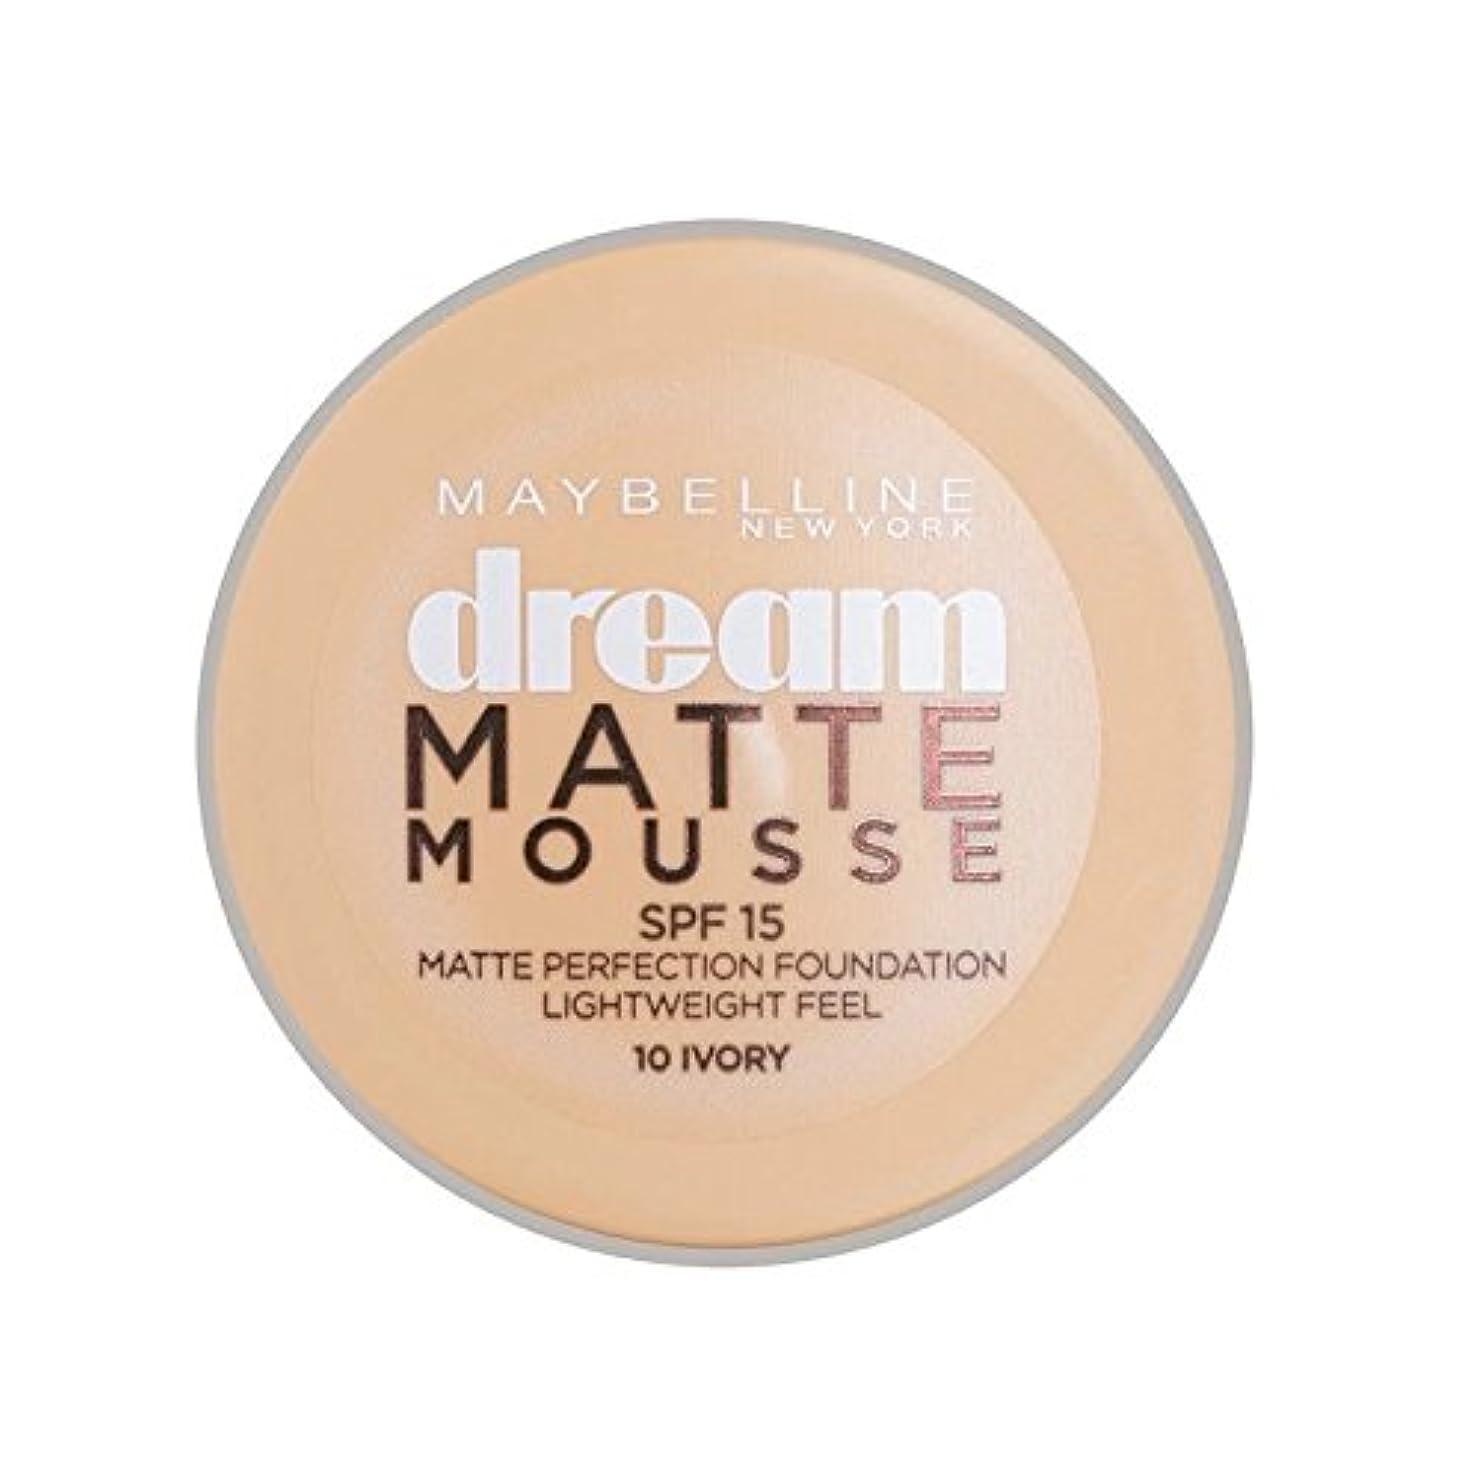 推定する改修するセントMaybelline Dream Matte Mousse Foundation 10 Ivory 10ml - メイベリン夢マットムース土台10アイボリー10ミリリットル [並行輸入品]